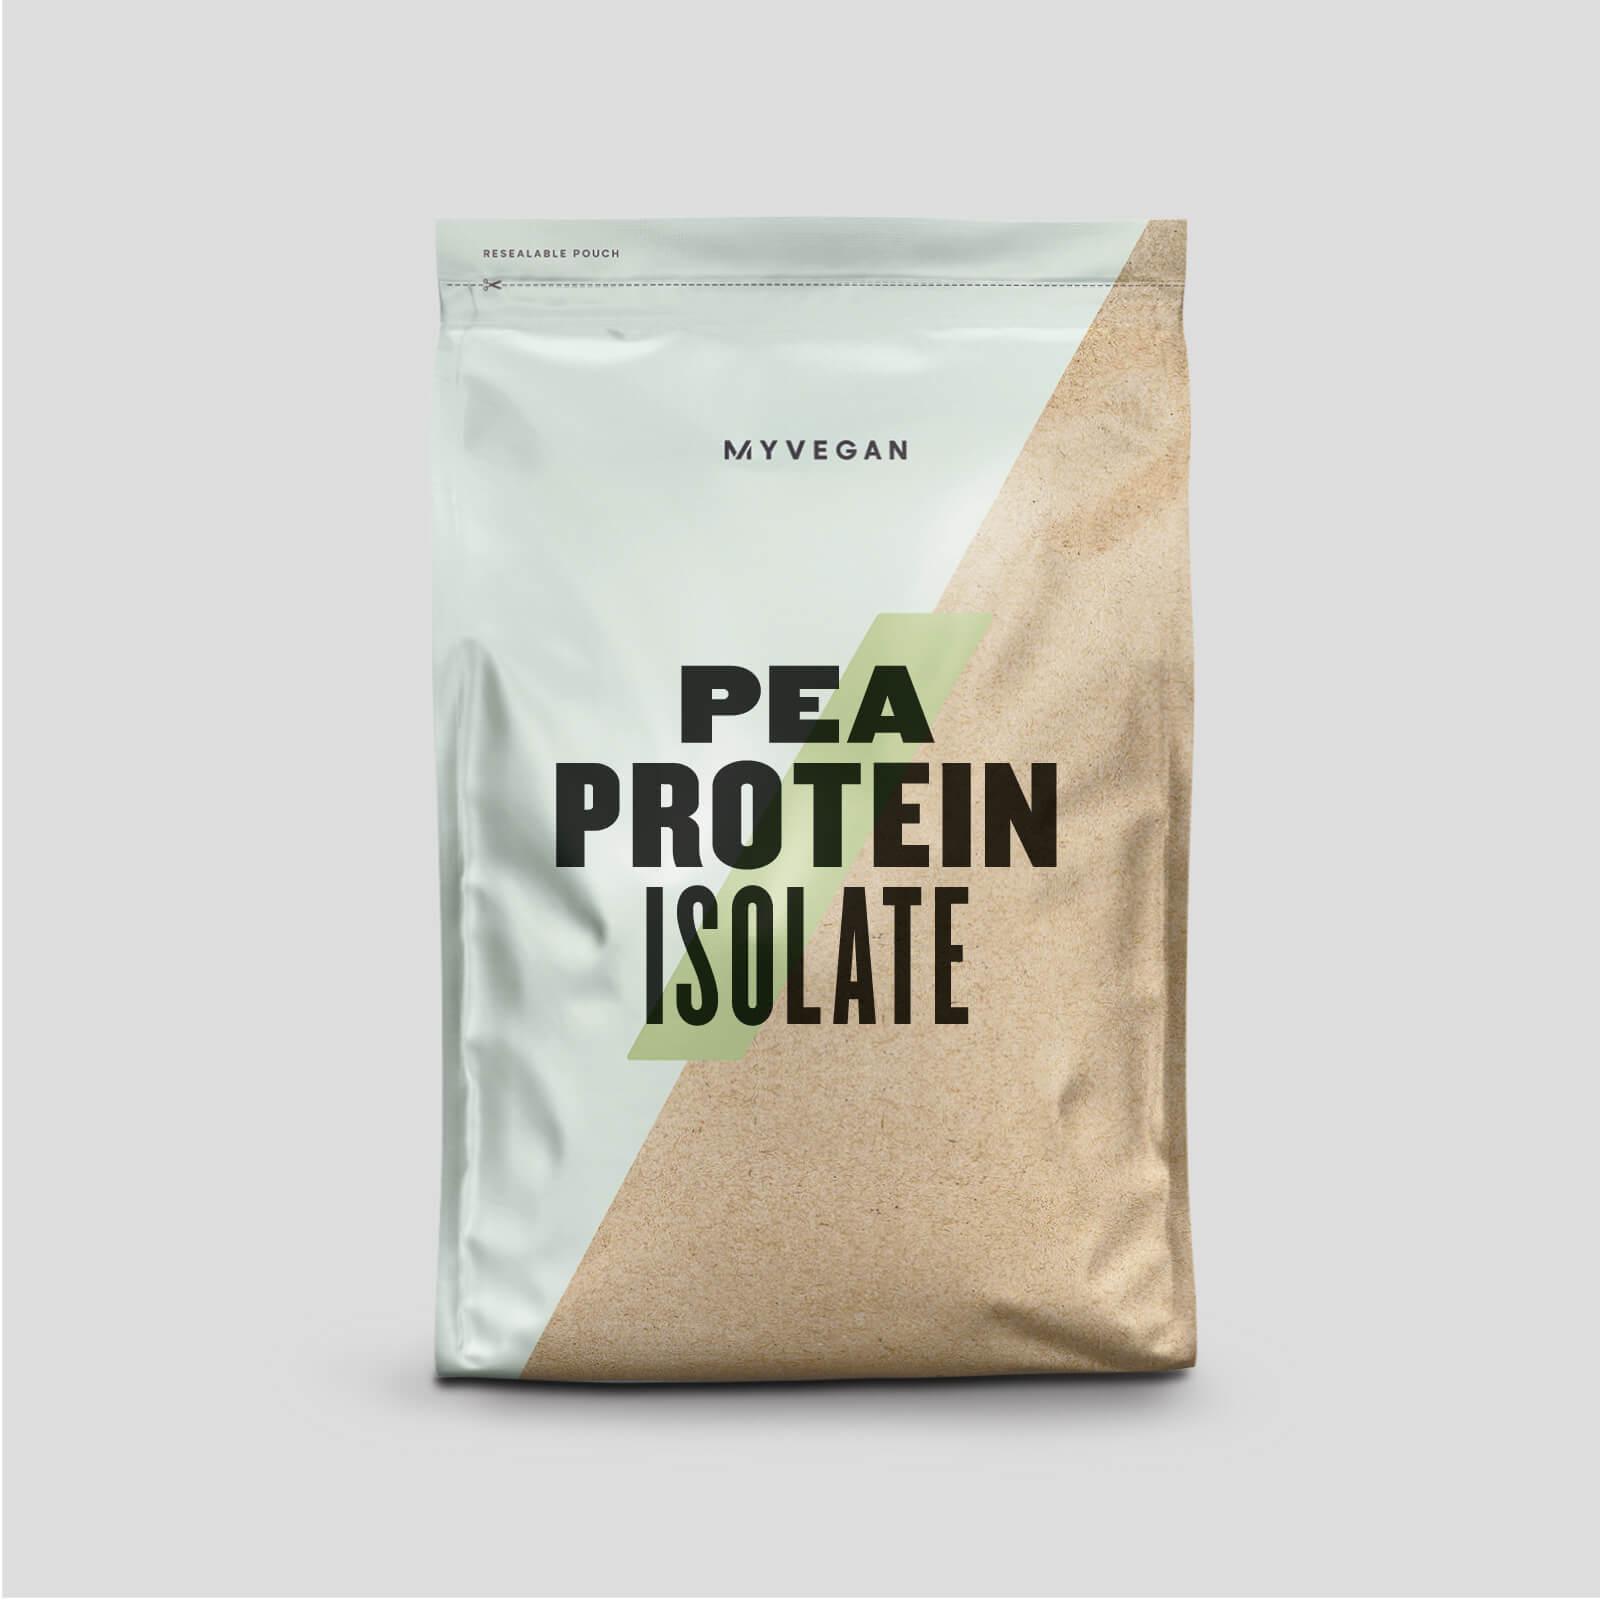 Myvegan Aislado de Proteína de Guisante - 1kg - Cafe y Nueces